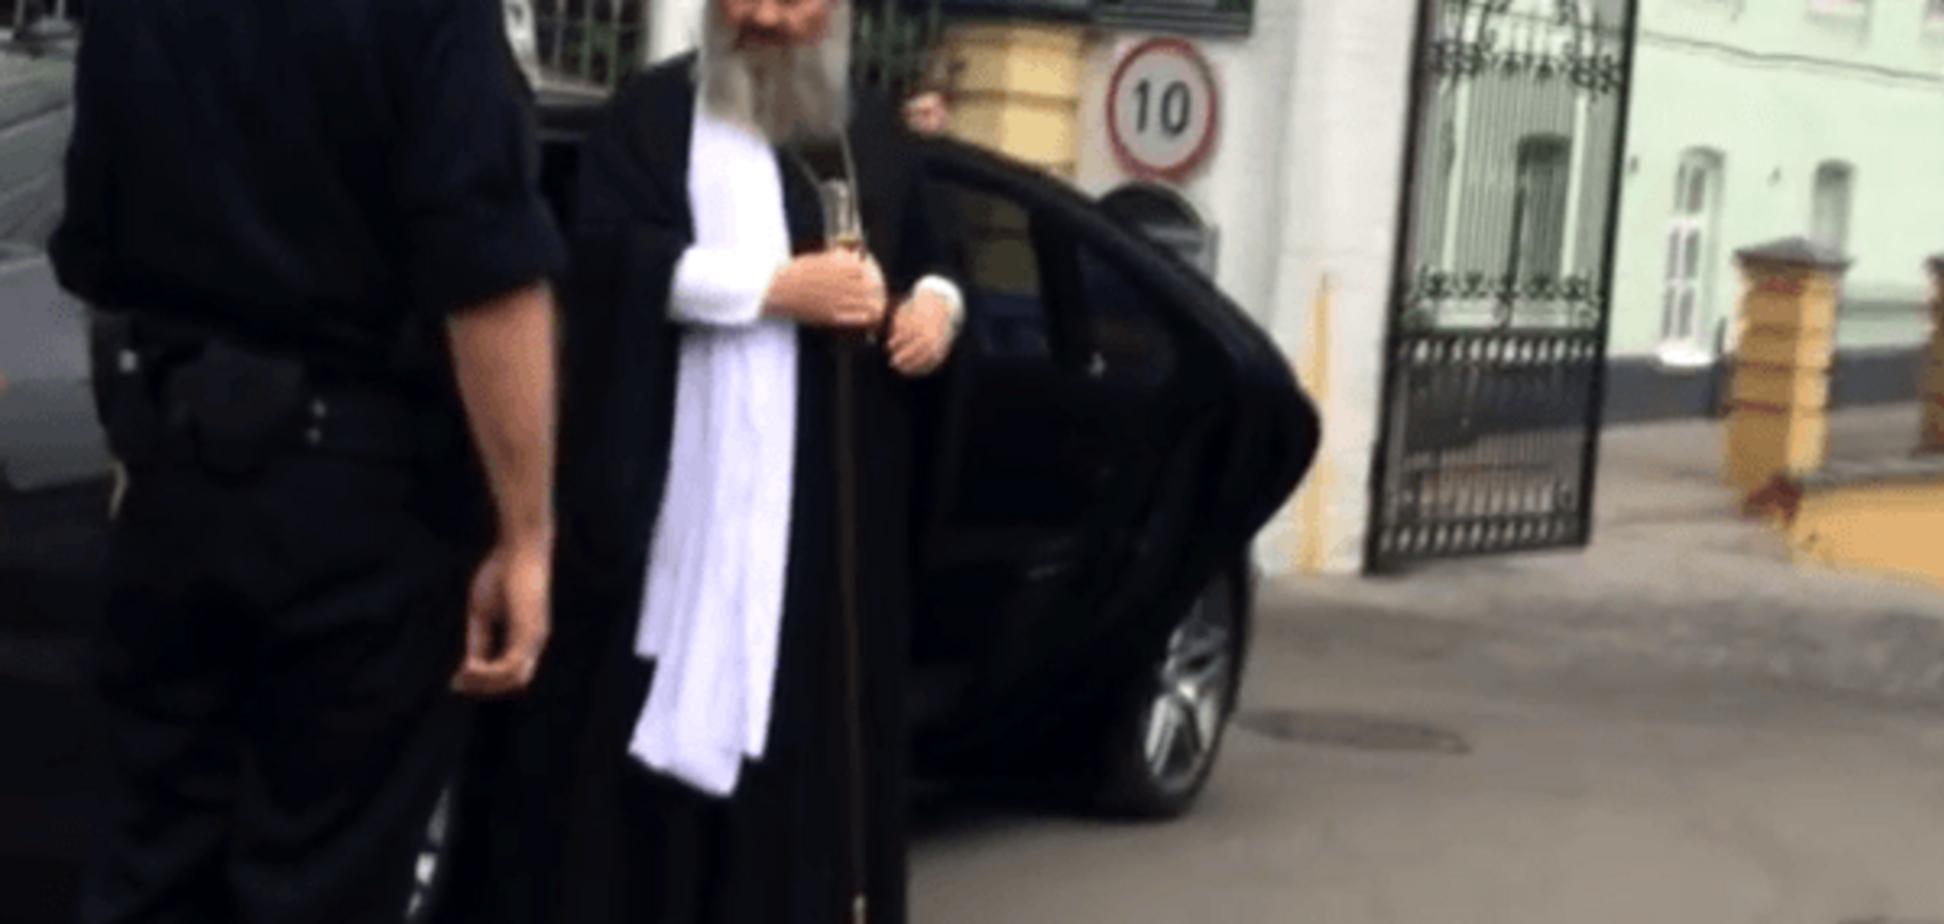 Нарушил и слава Богу! Батюшка-'автохам' нагрубил полиции в Киеве и скрылся: видеофакт